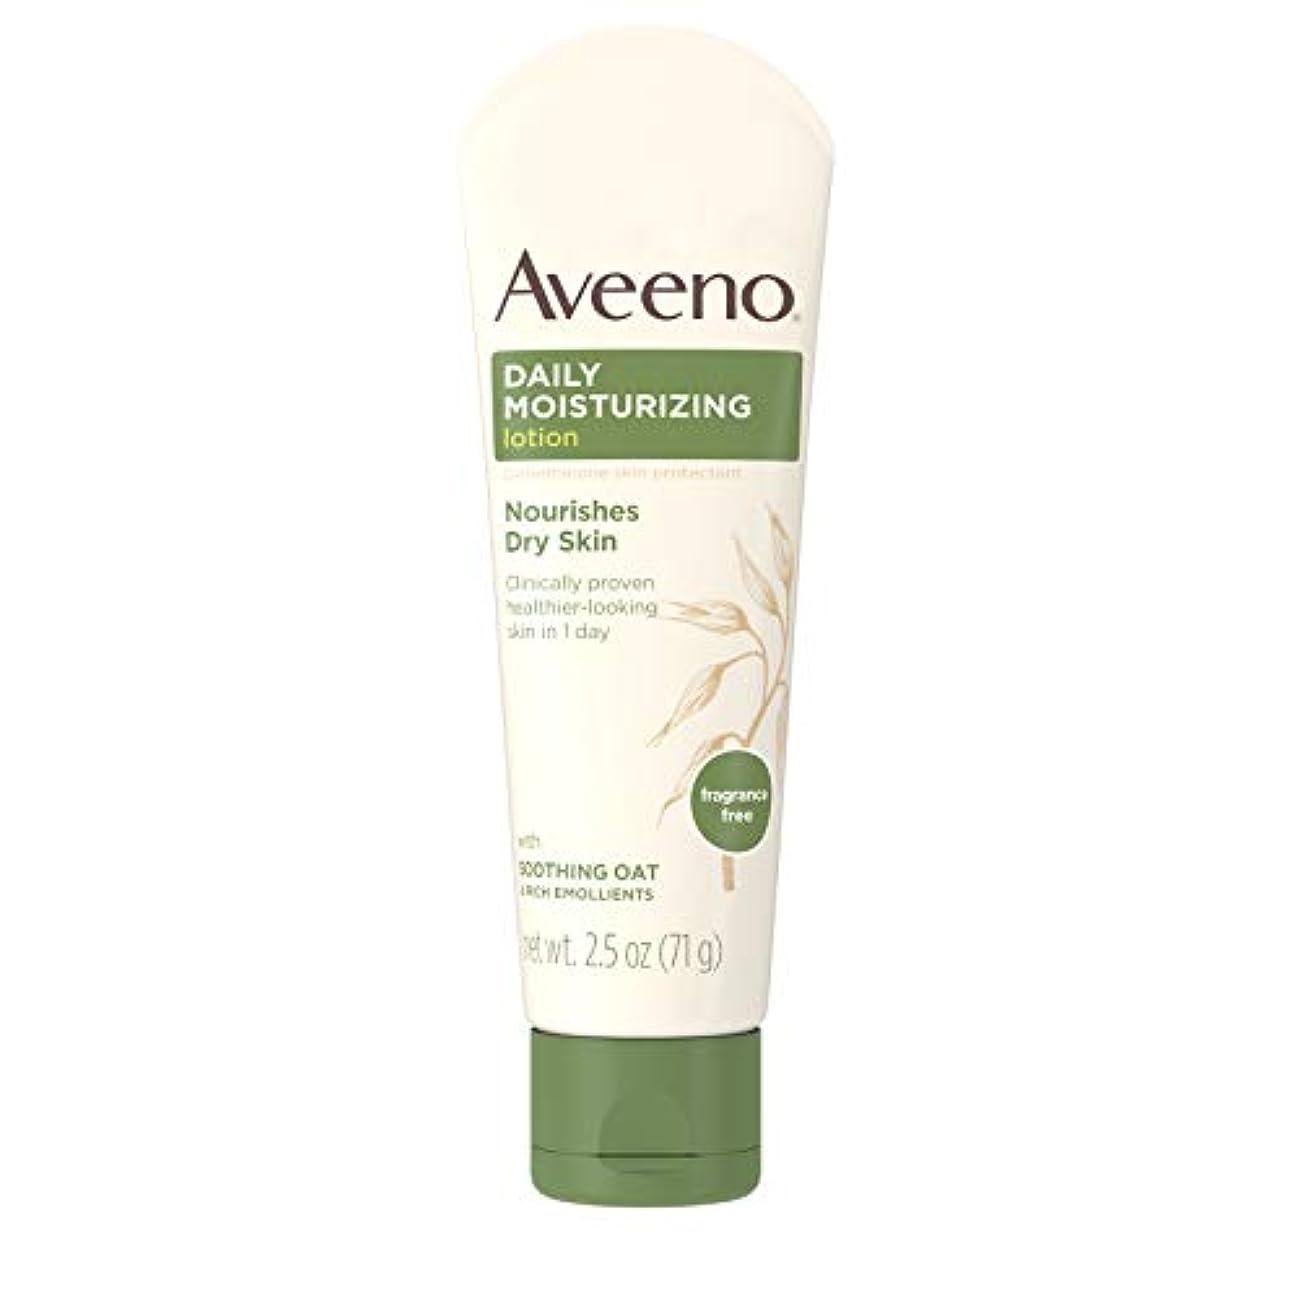 バレーボール黙認する酔ったAveeno Daily Moisturizing Lotion with Oatmeal and Rich Emollients Fragrance Free, 2.5 oz by Aveeno